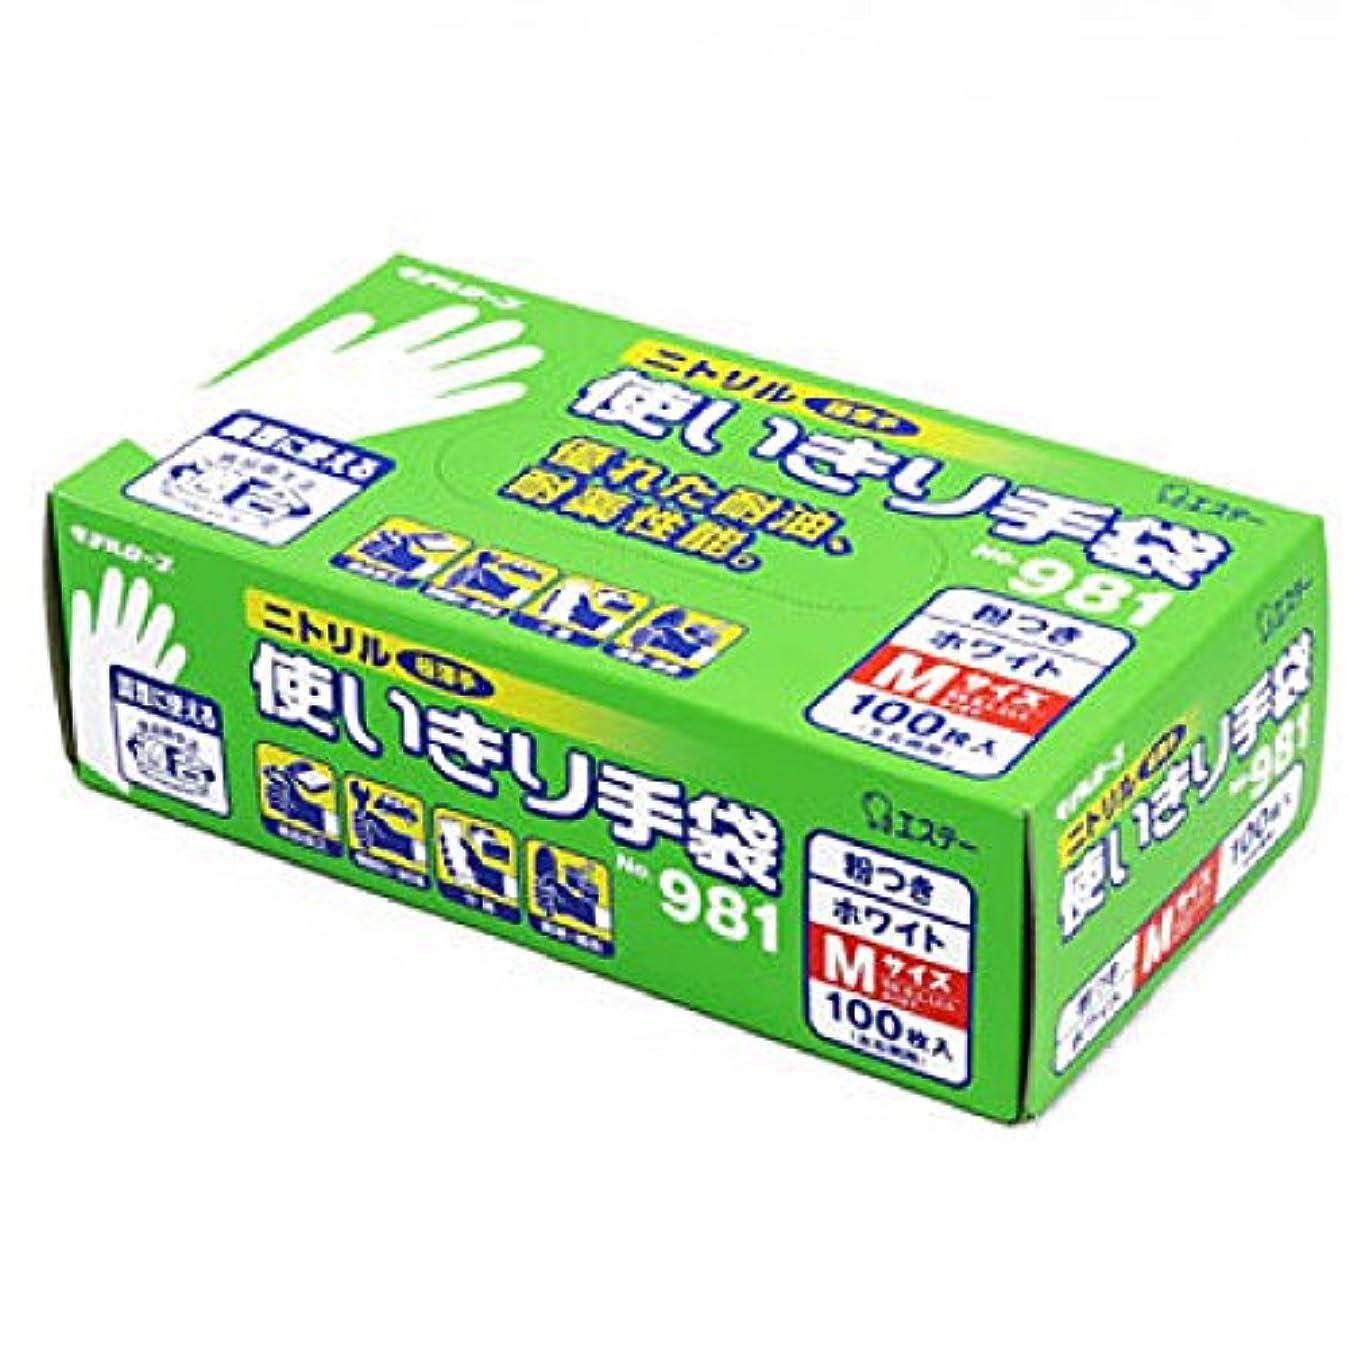 ラブハイジャック胸エステー/ニトリル使いきり手袋 箱入 (粉つき) [100枚入]/品番:981 サイズ:L カラー:ホワイト